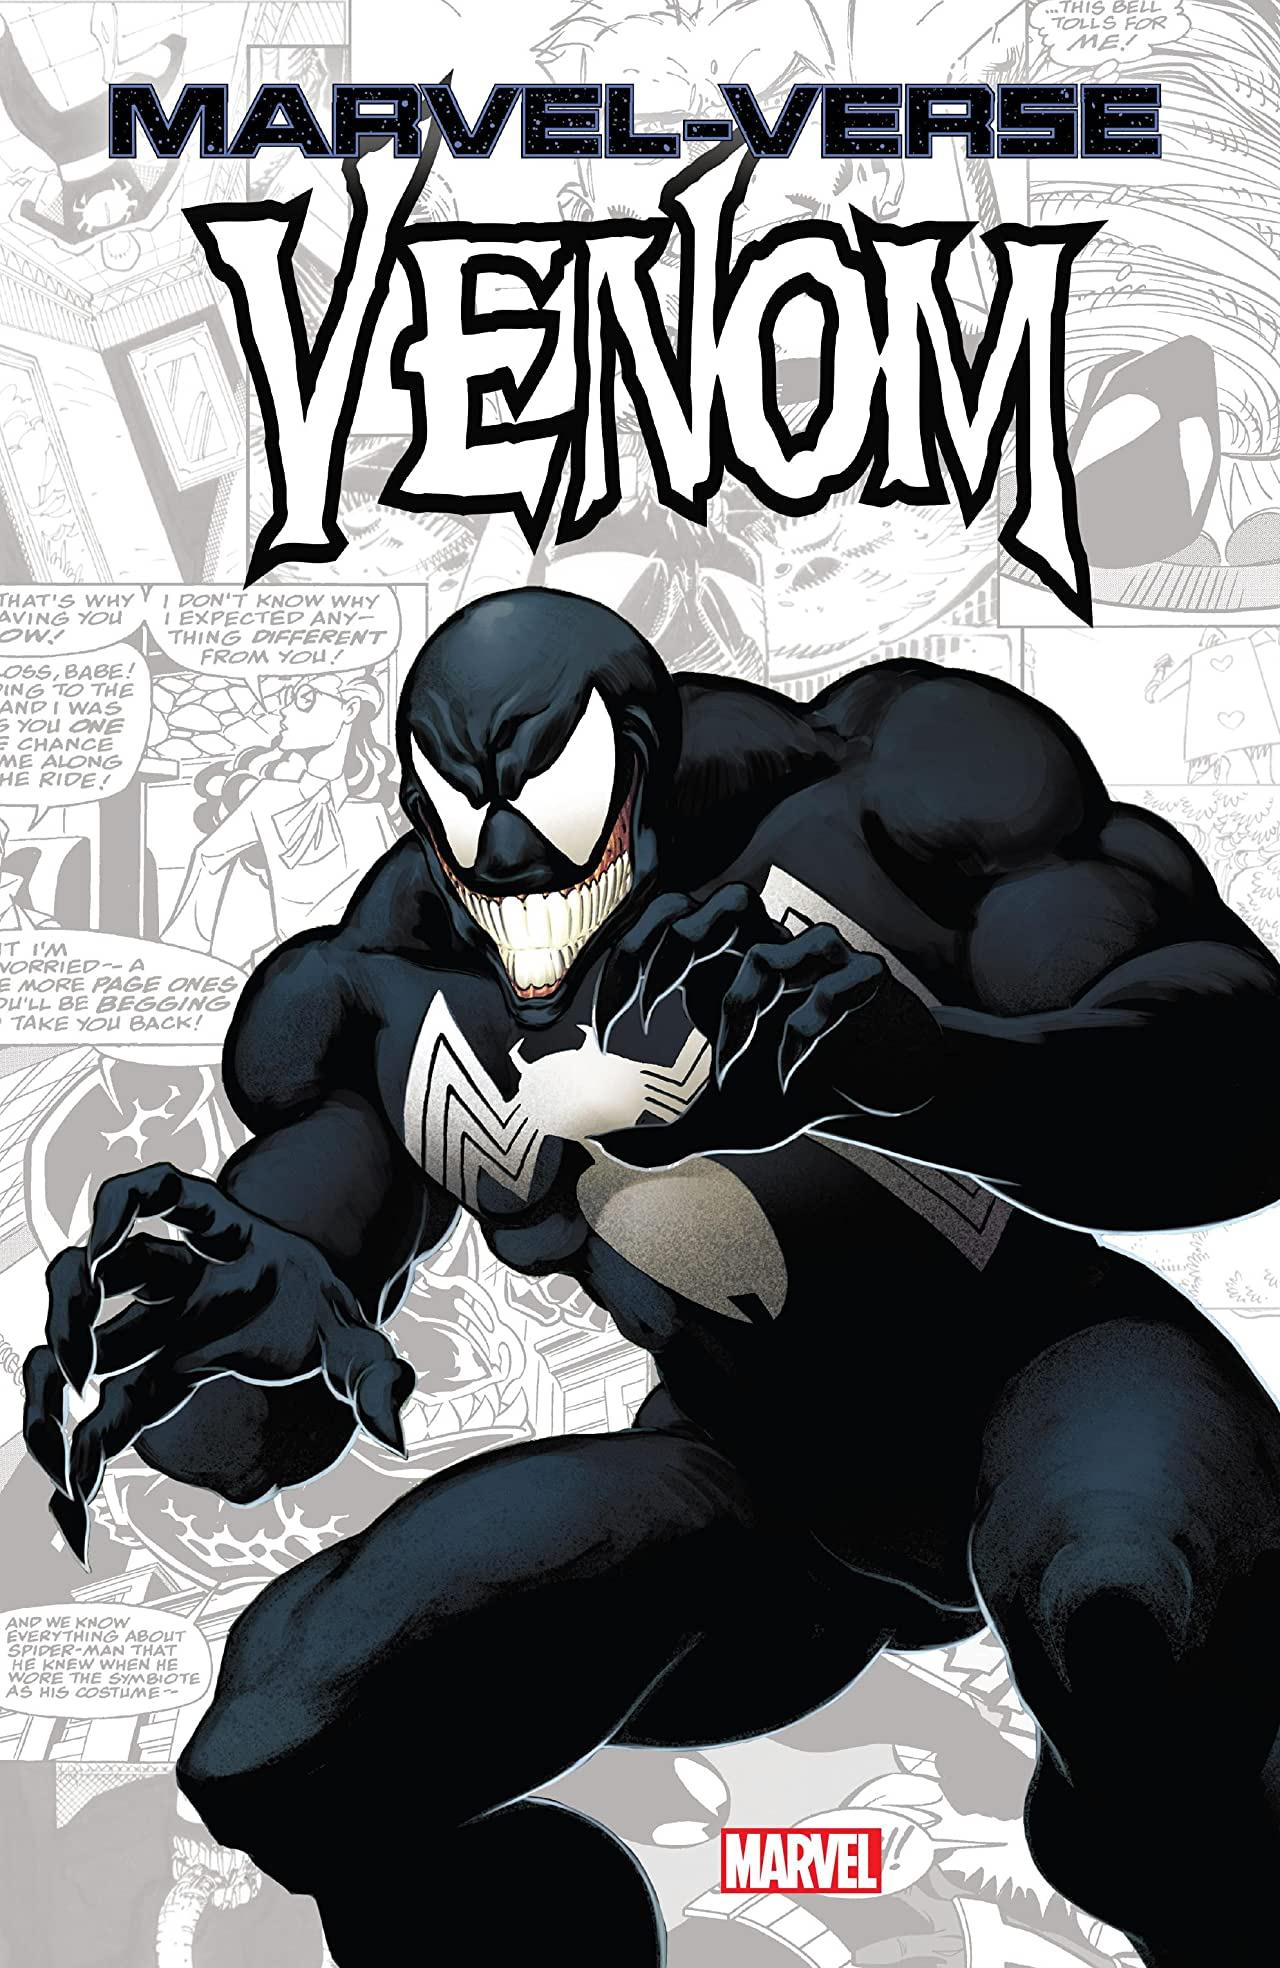 Marvel-Verse: Venom (Trade Paperback)